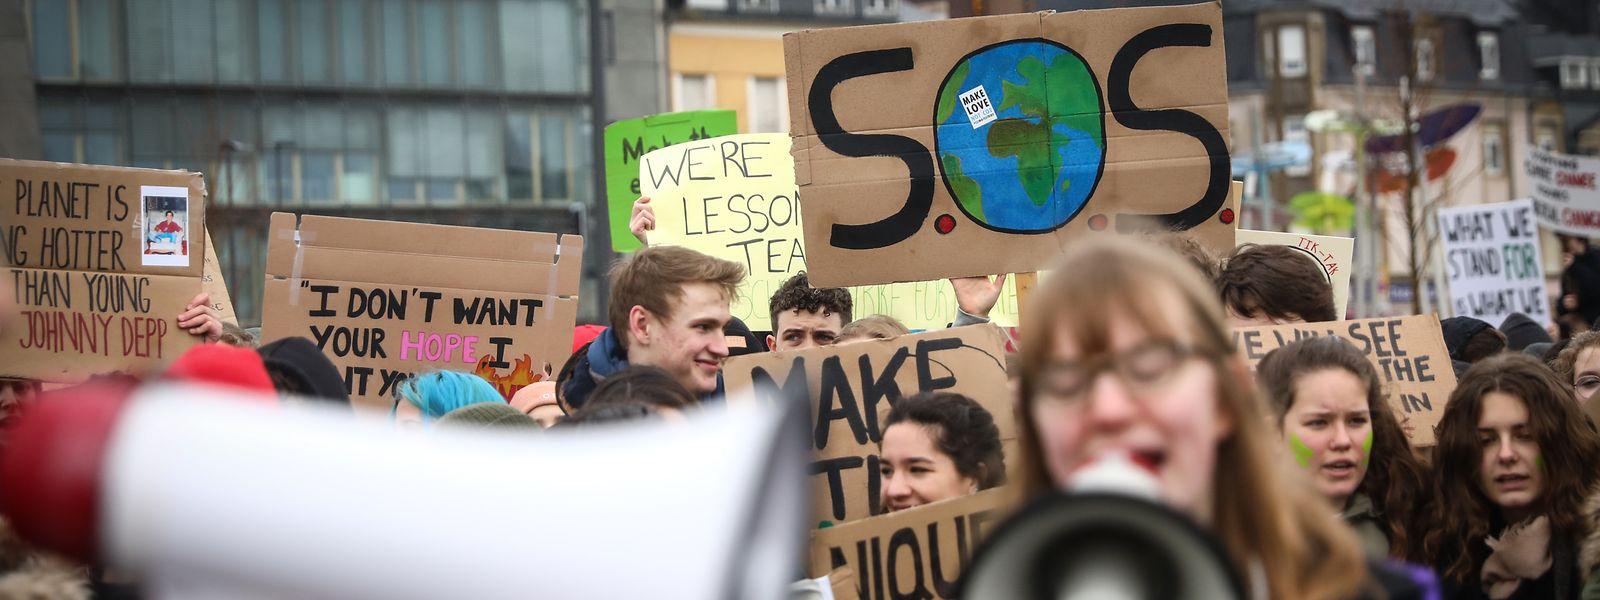 O protesto arrancou às 12:30 desta sexta-feira, no Glacis, e cluminou cerca de uma hora depois na praça Guillaume II.